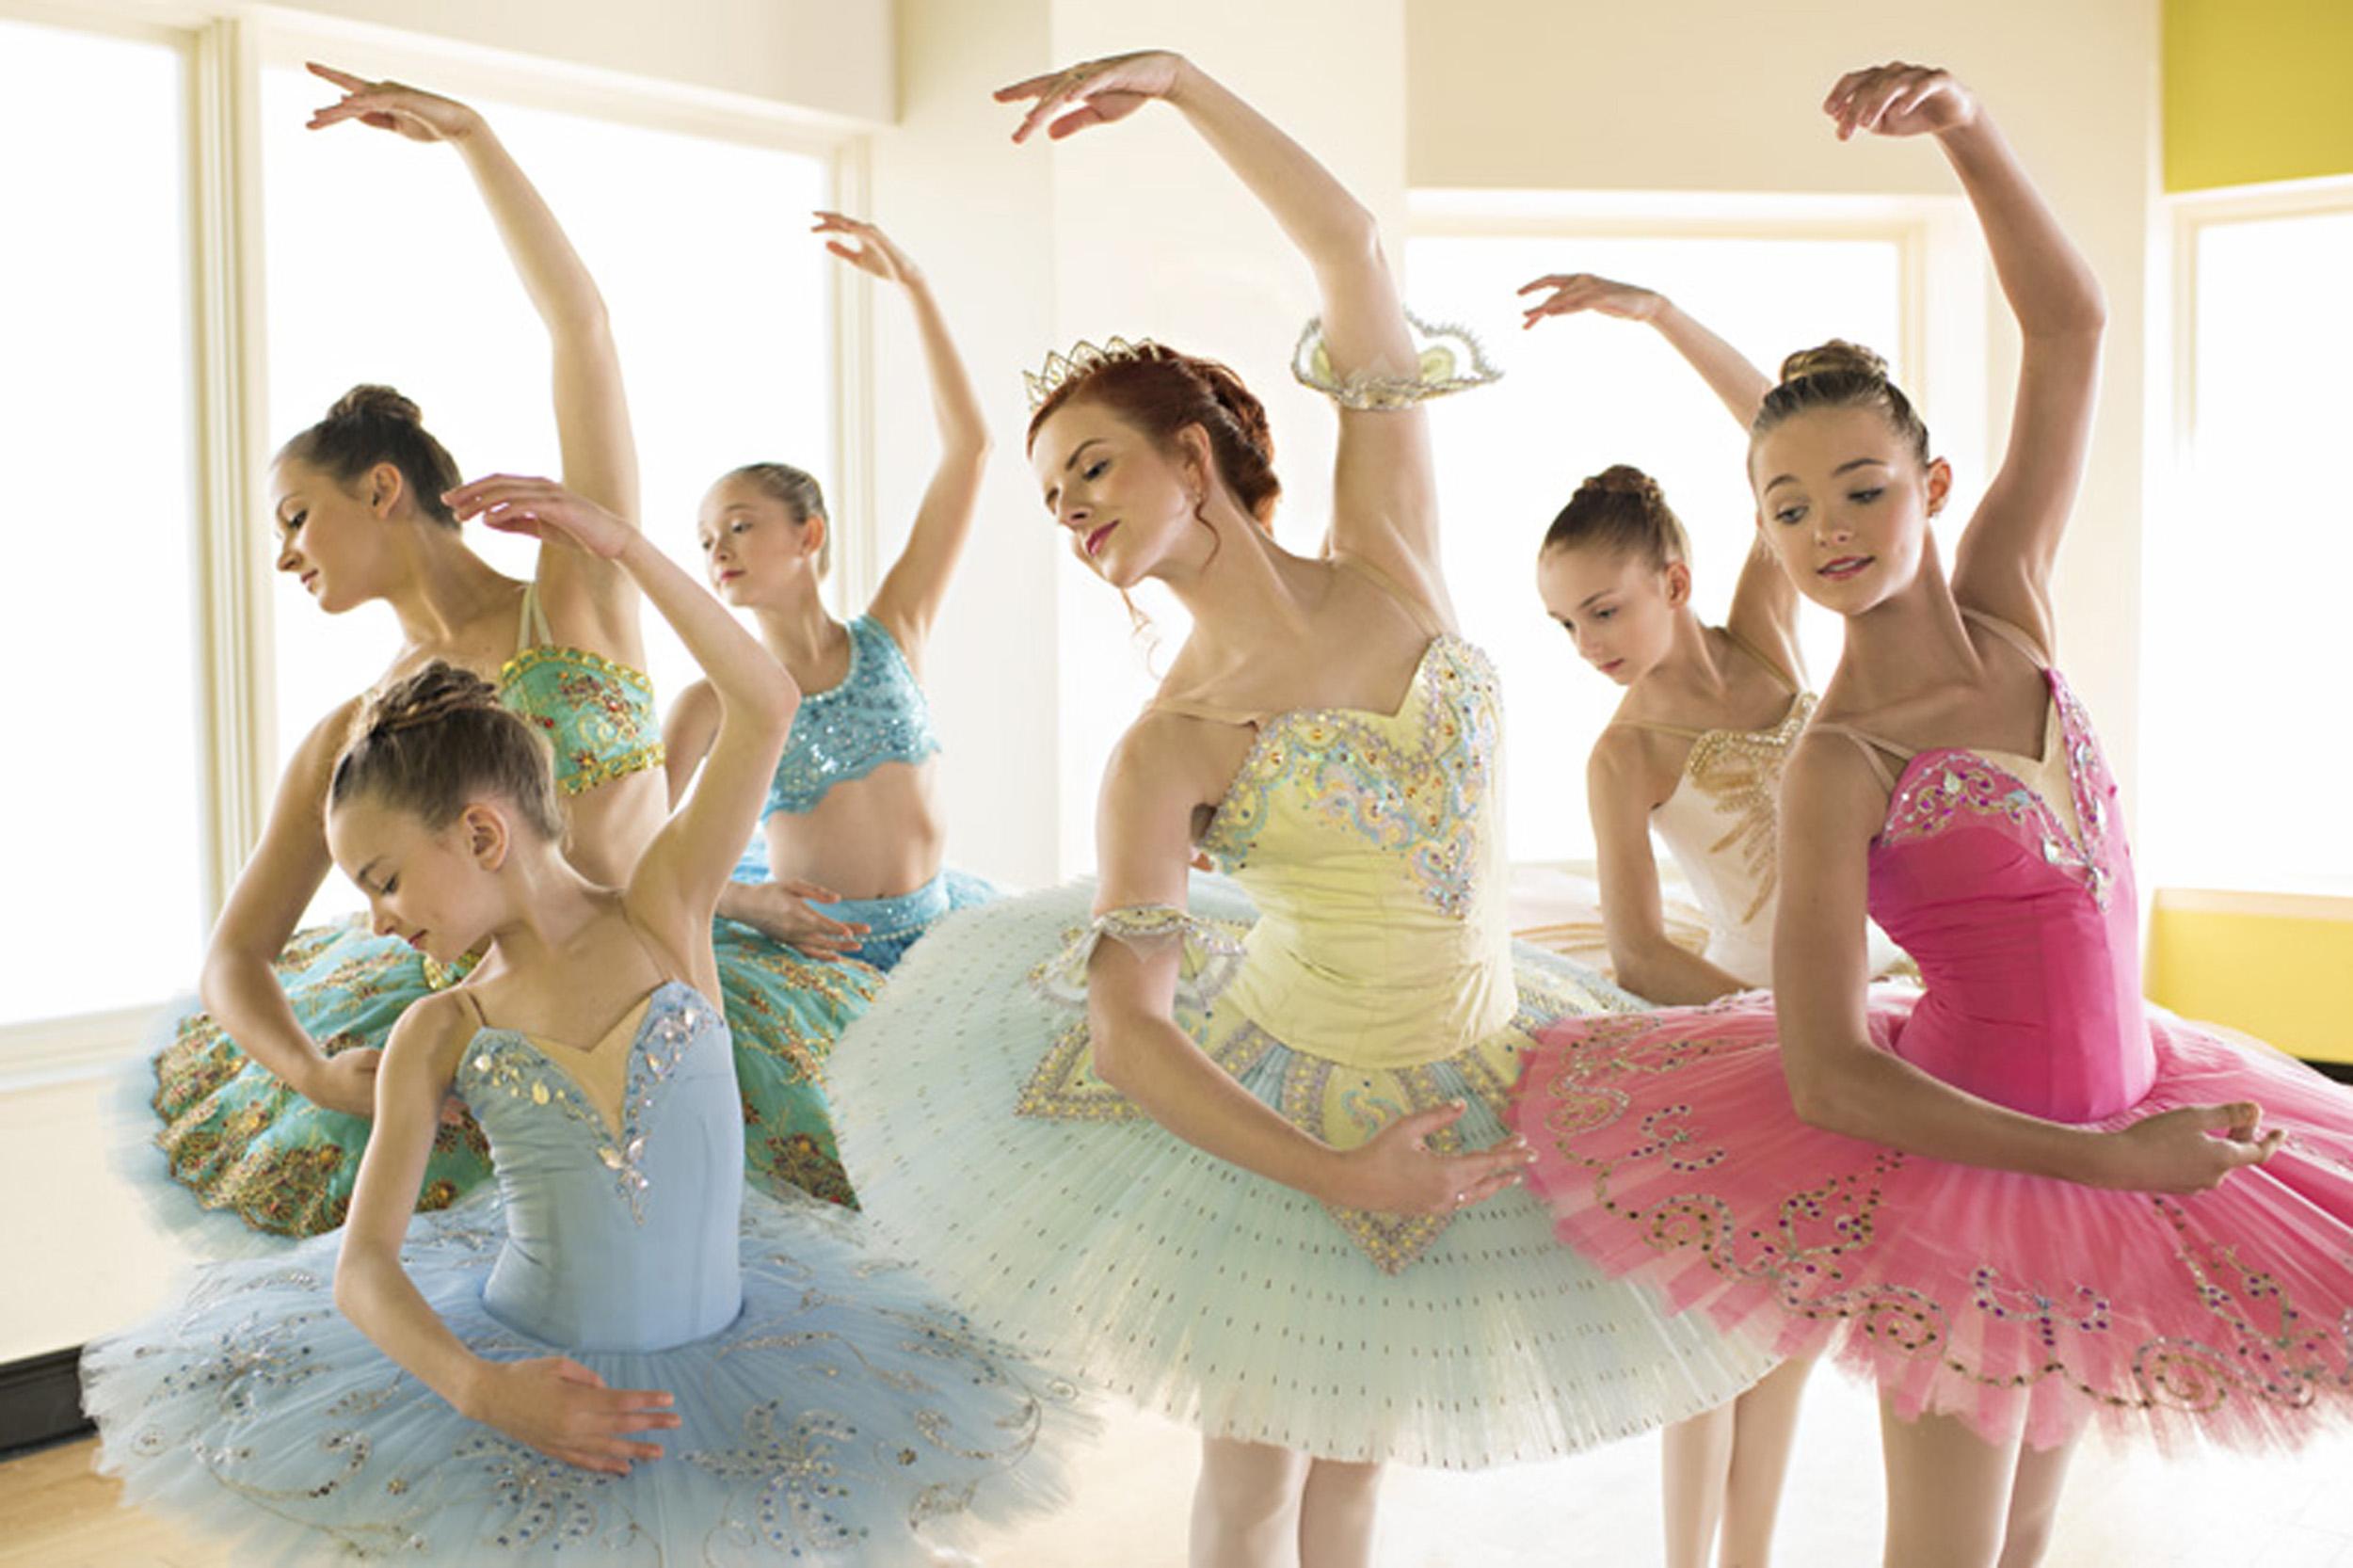 04_35mmlens_Ballerina4-064m.jpg